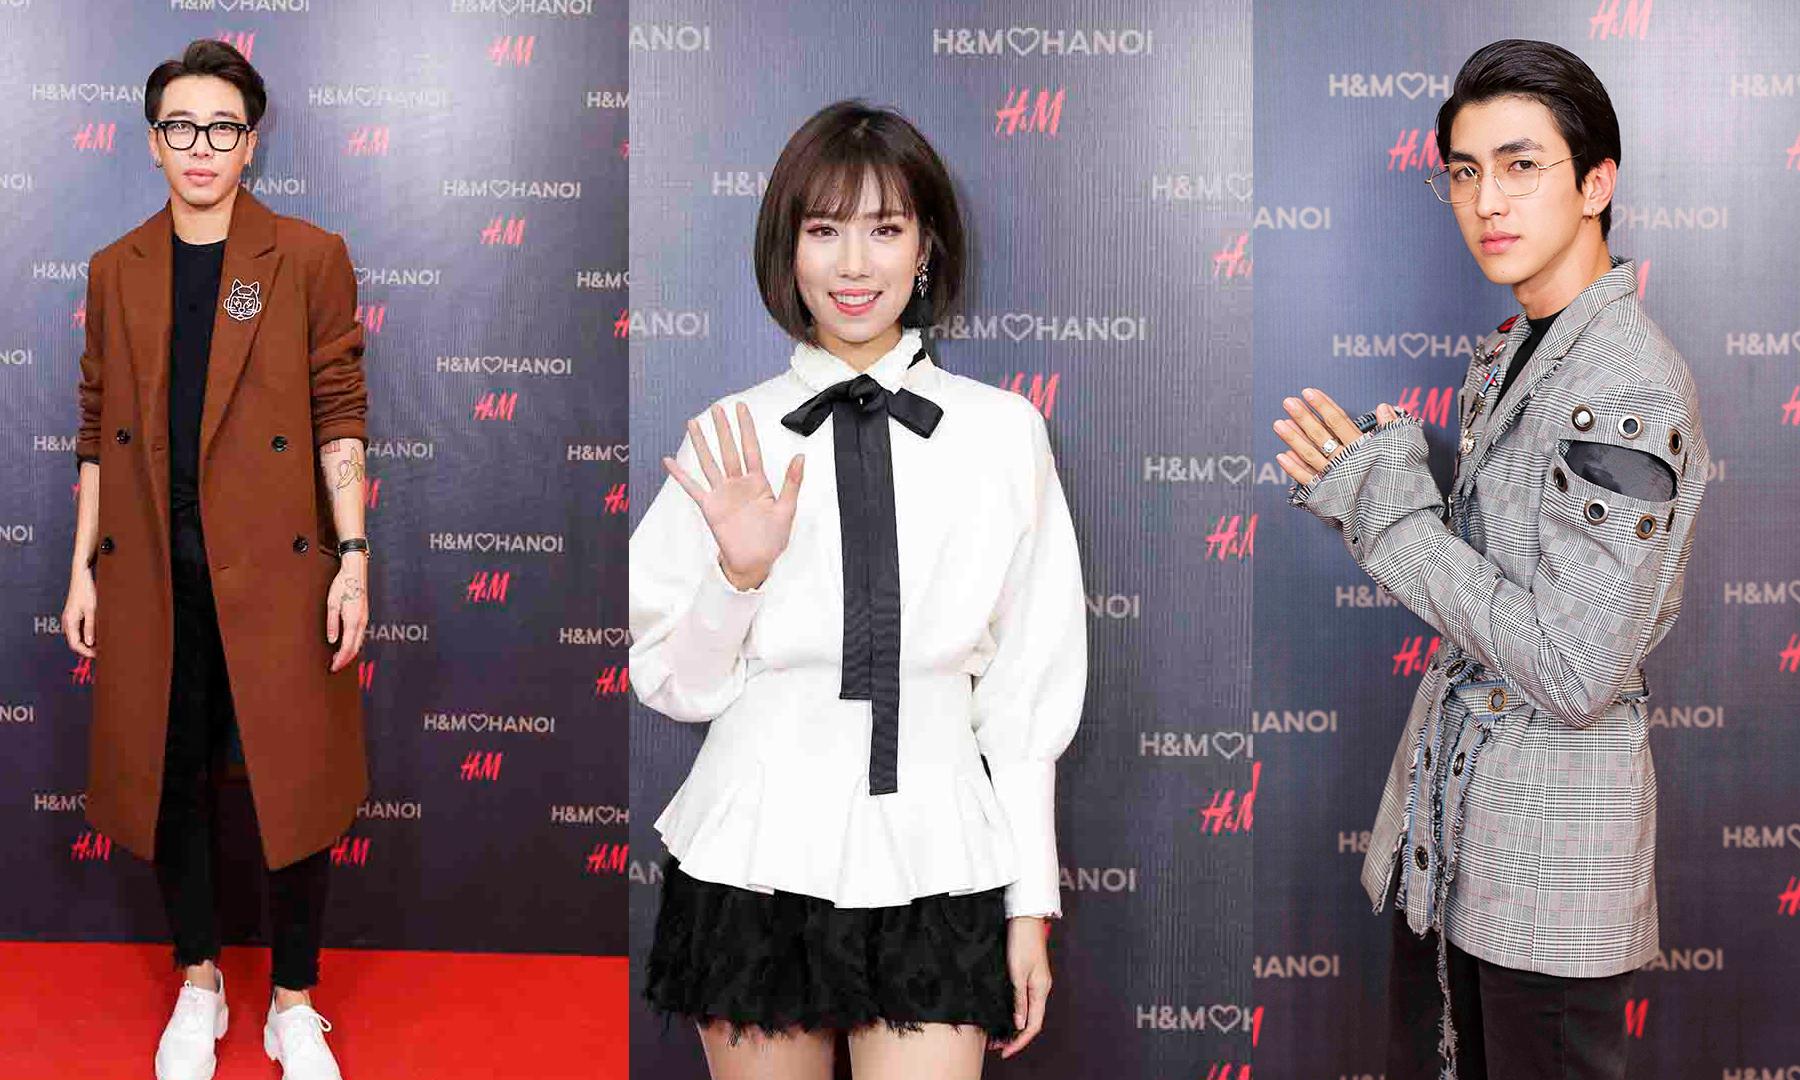 Min, Bình An, Hoàng Ku… mỗi người một vẻ tại sự kiện chào mừng của H&M tại thủ đô